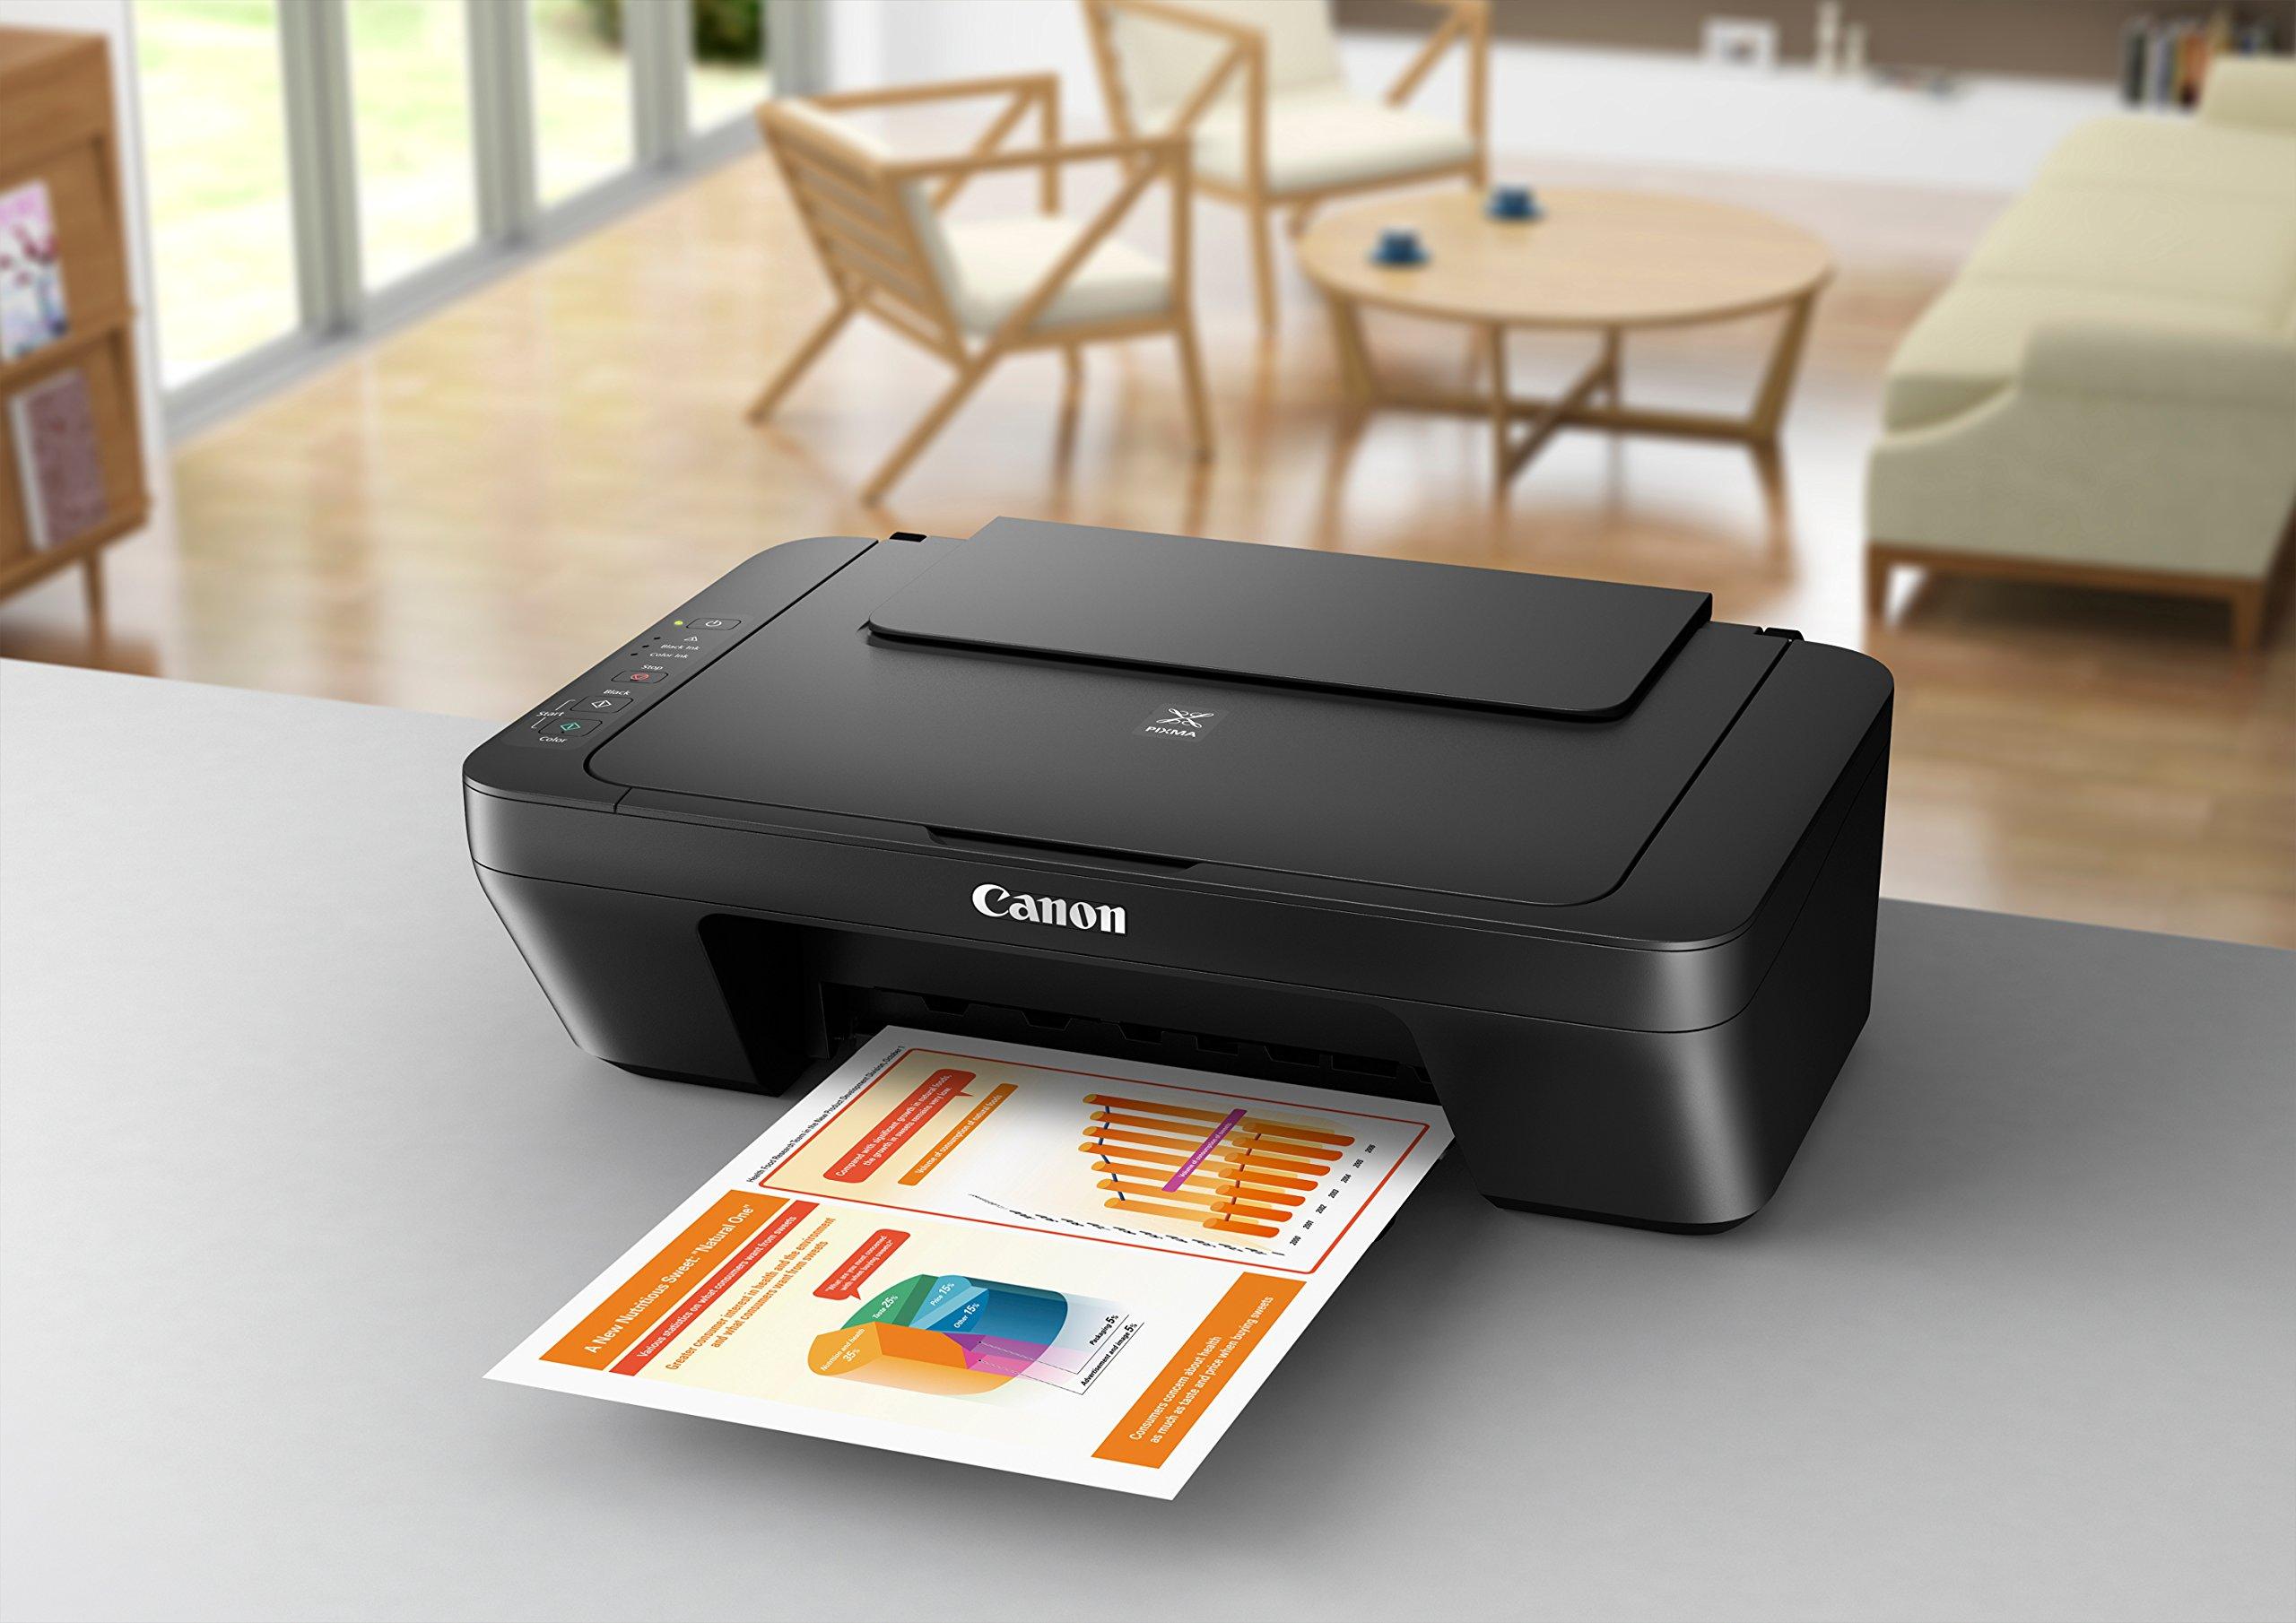 Canon MG2570S Multi-Function Inkjet Colour Printer (Black) - .:: My Online  Cart ::.